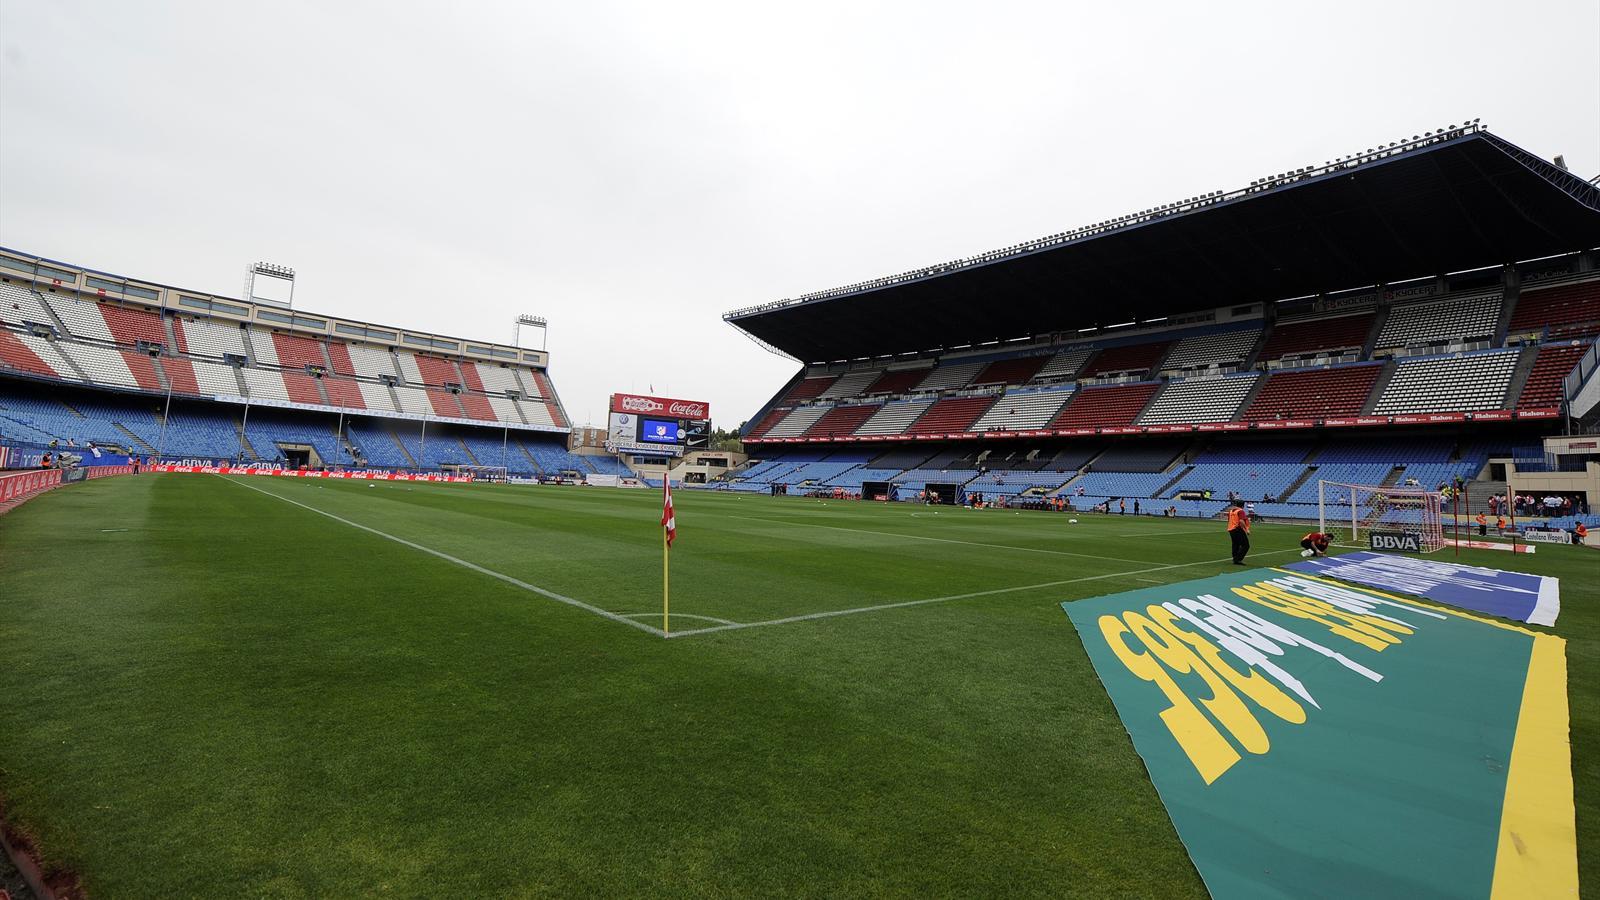 EN DIRECT / LIVE. Atlético Madrid - FC Barcelone - Supercoupe d'Espagne - 21 août 2013